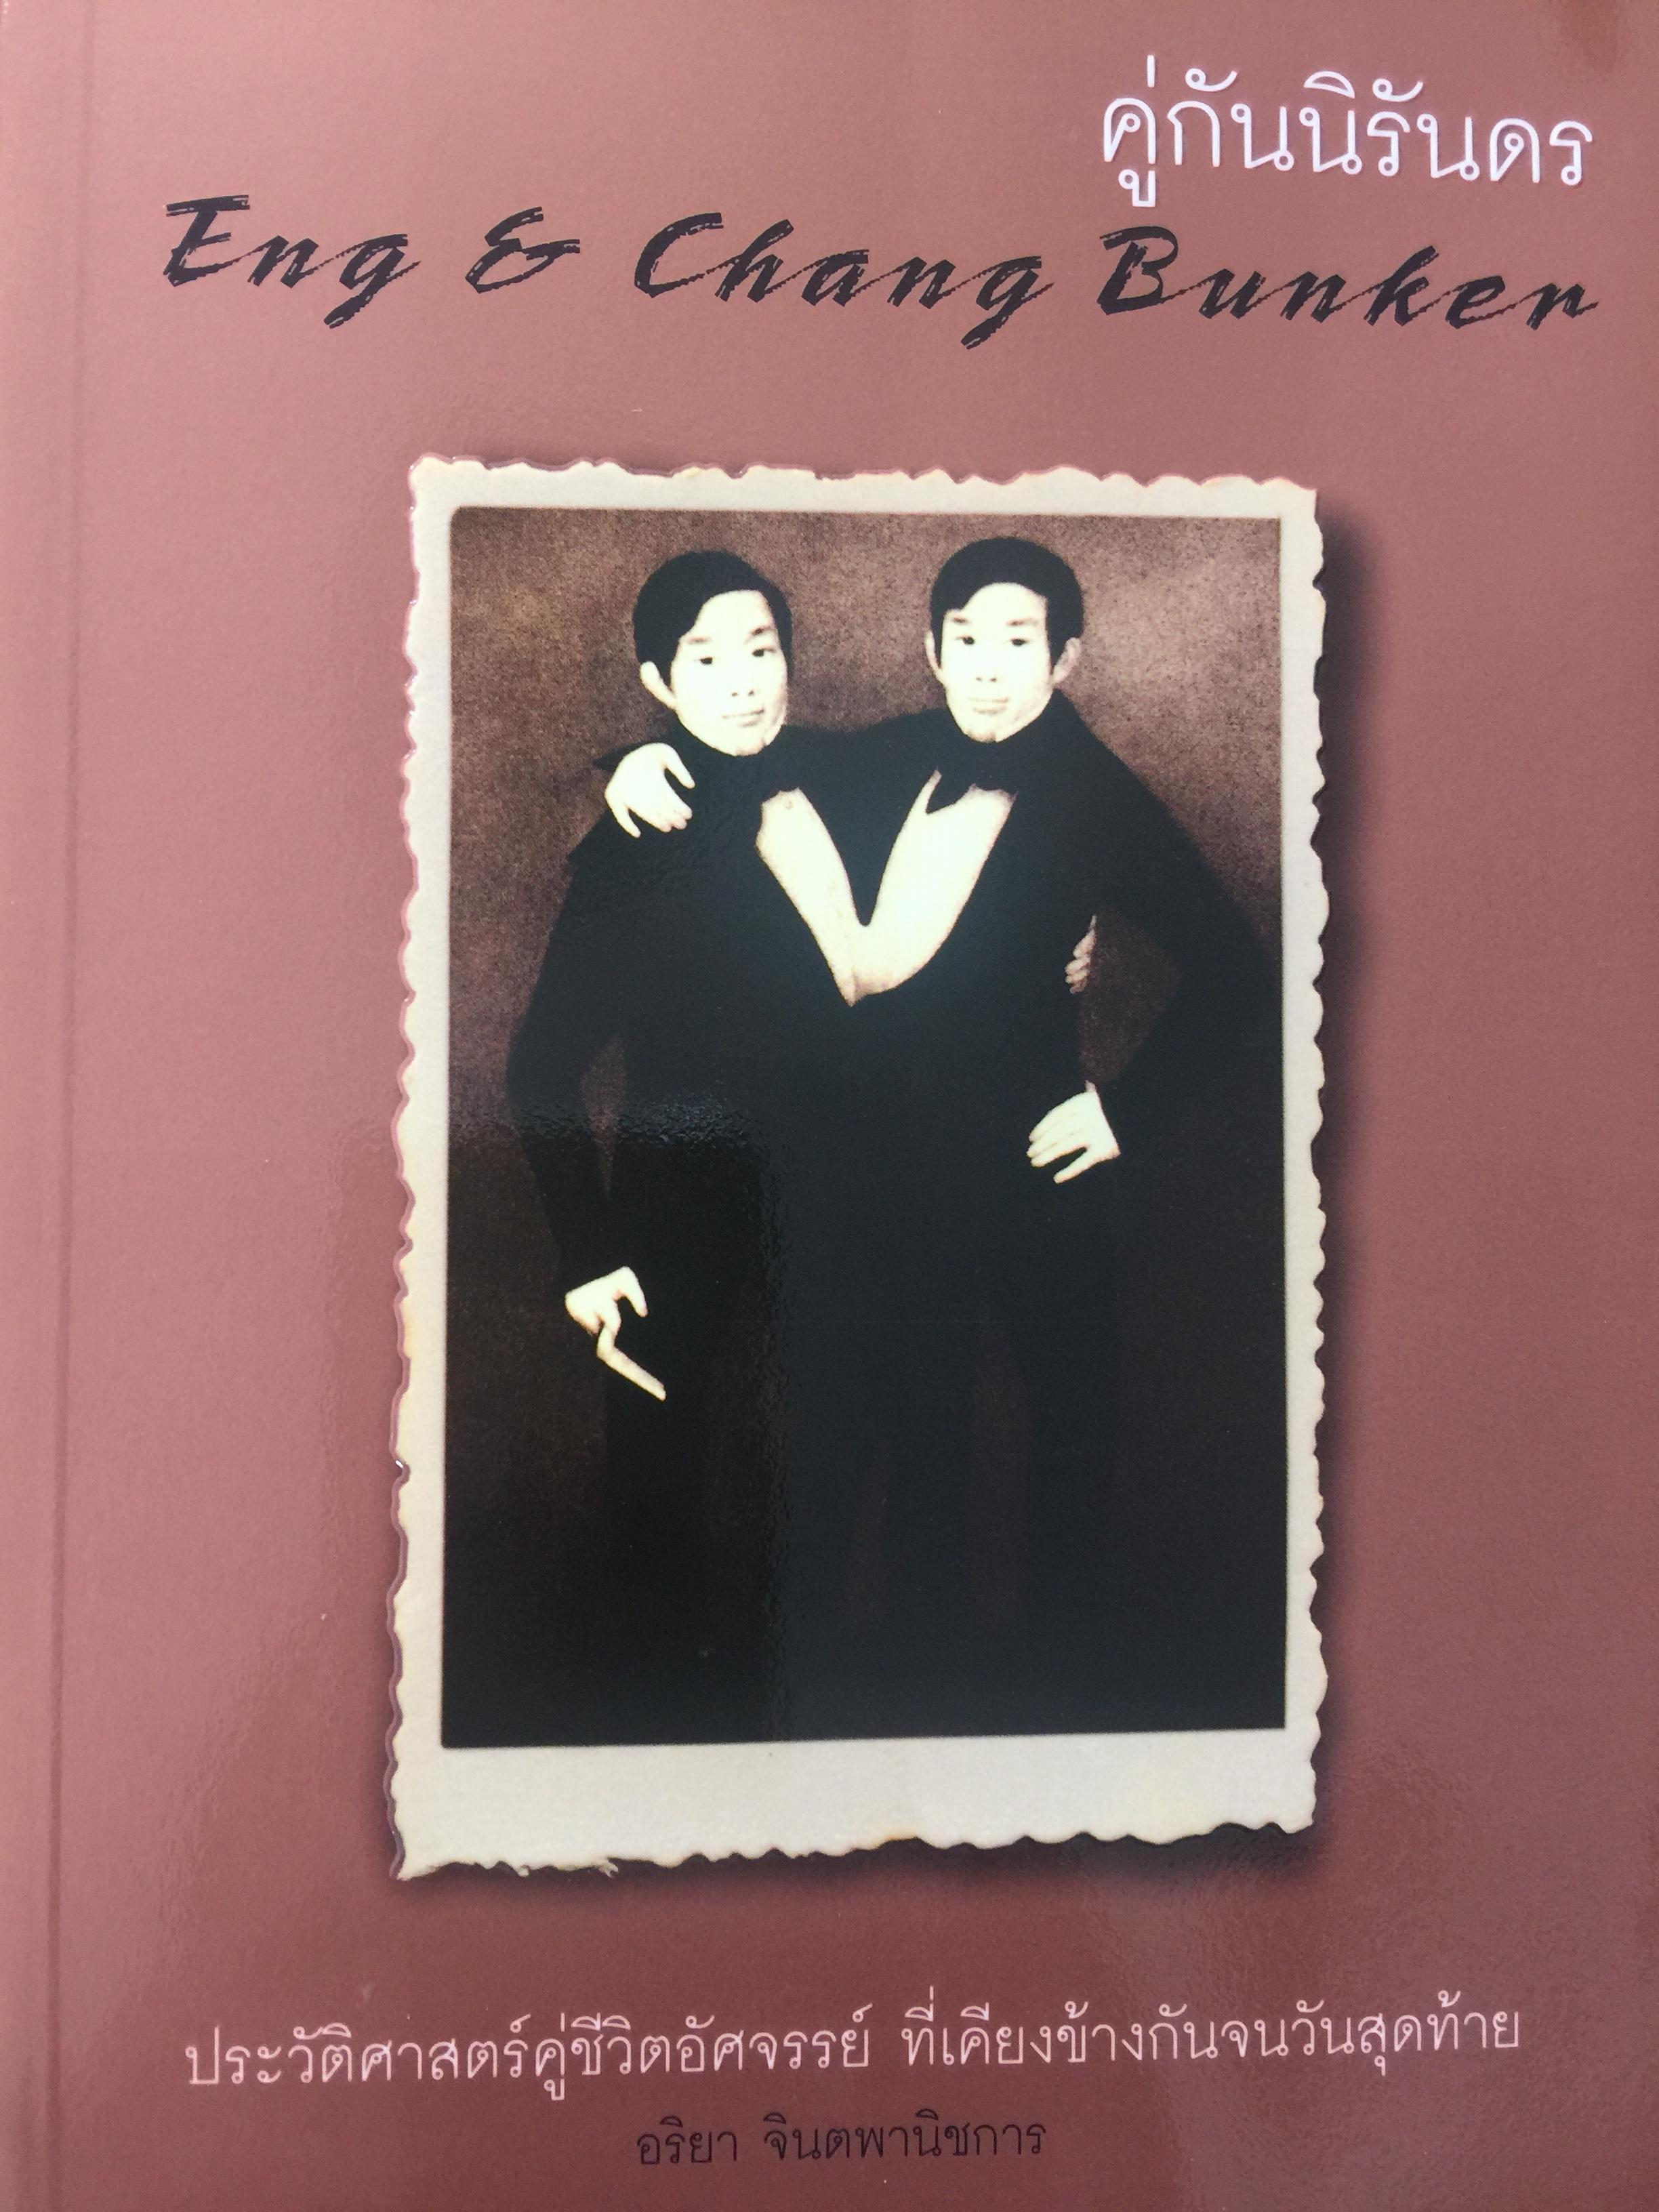 คู่กันนิรันดร Eng&Chang Bunker ประวัติศาสตร์คู่ชีวิต ที่เคียงข้างกันจนวันสุดท้าย. ผู้เขียน อริยา จินตพานิชการ